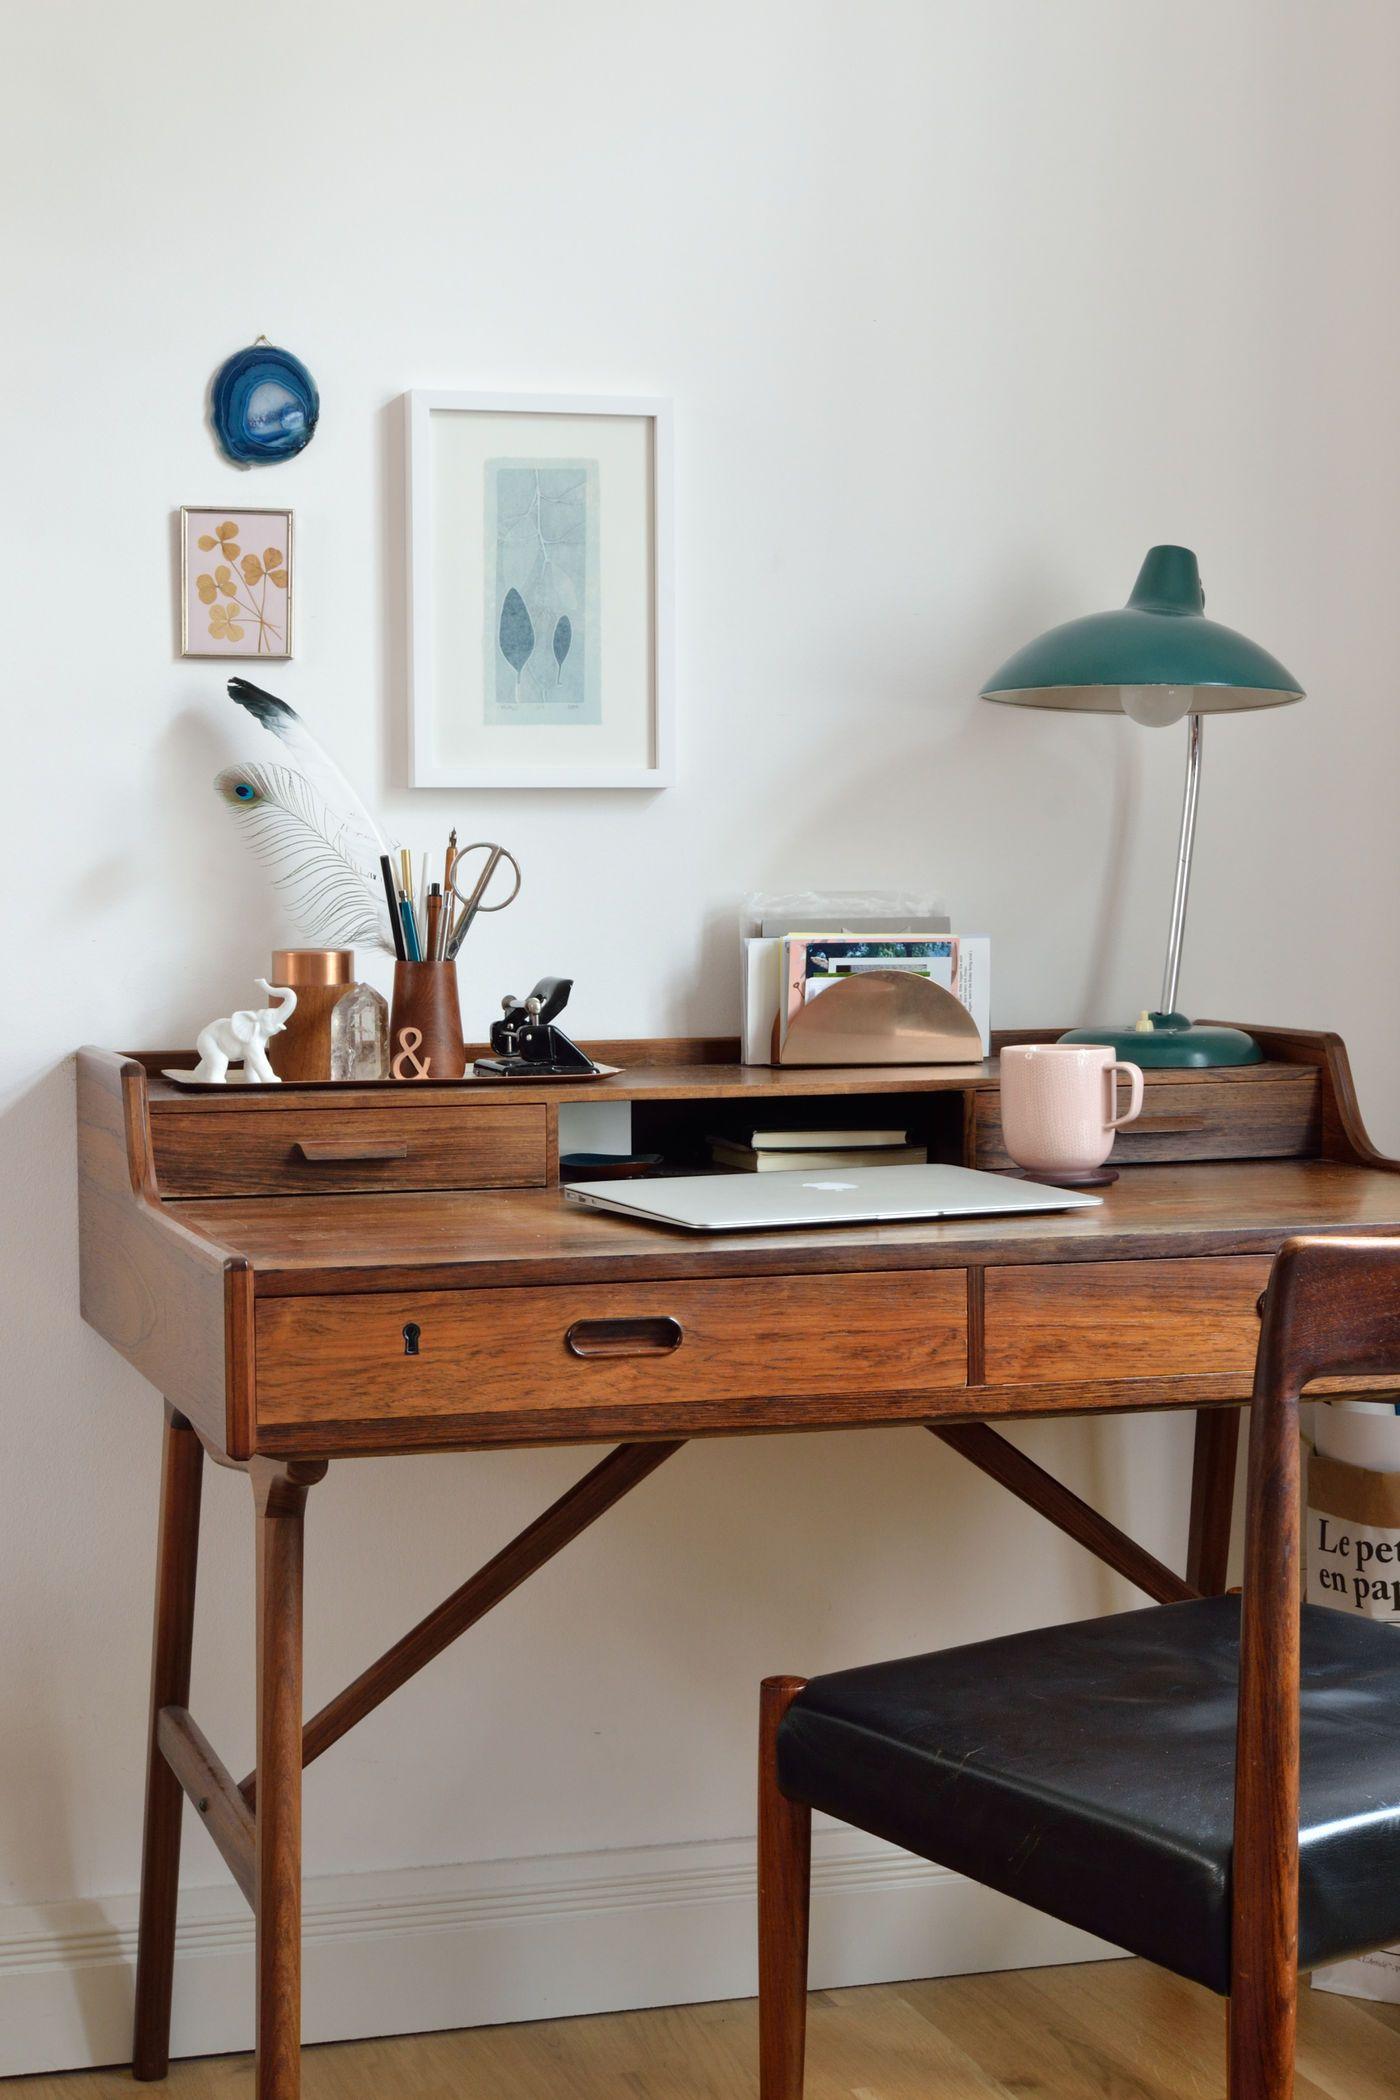 kissen an der wand befestigen affordable ebenfalls an die wand wurden die grnen nasen von ikea. Black Bedroom Furniture Sets. Home Design Ideas